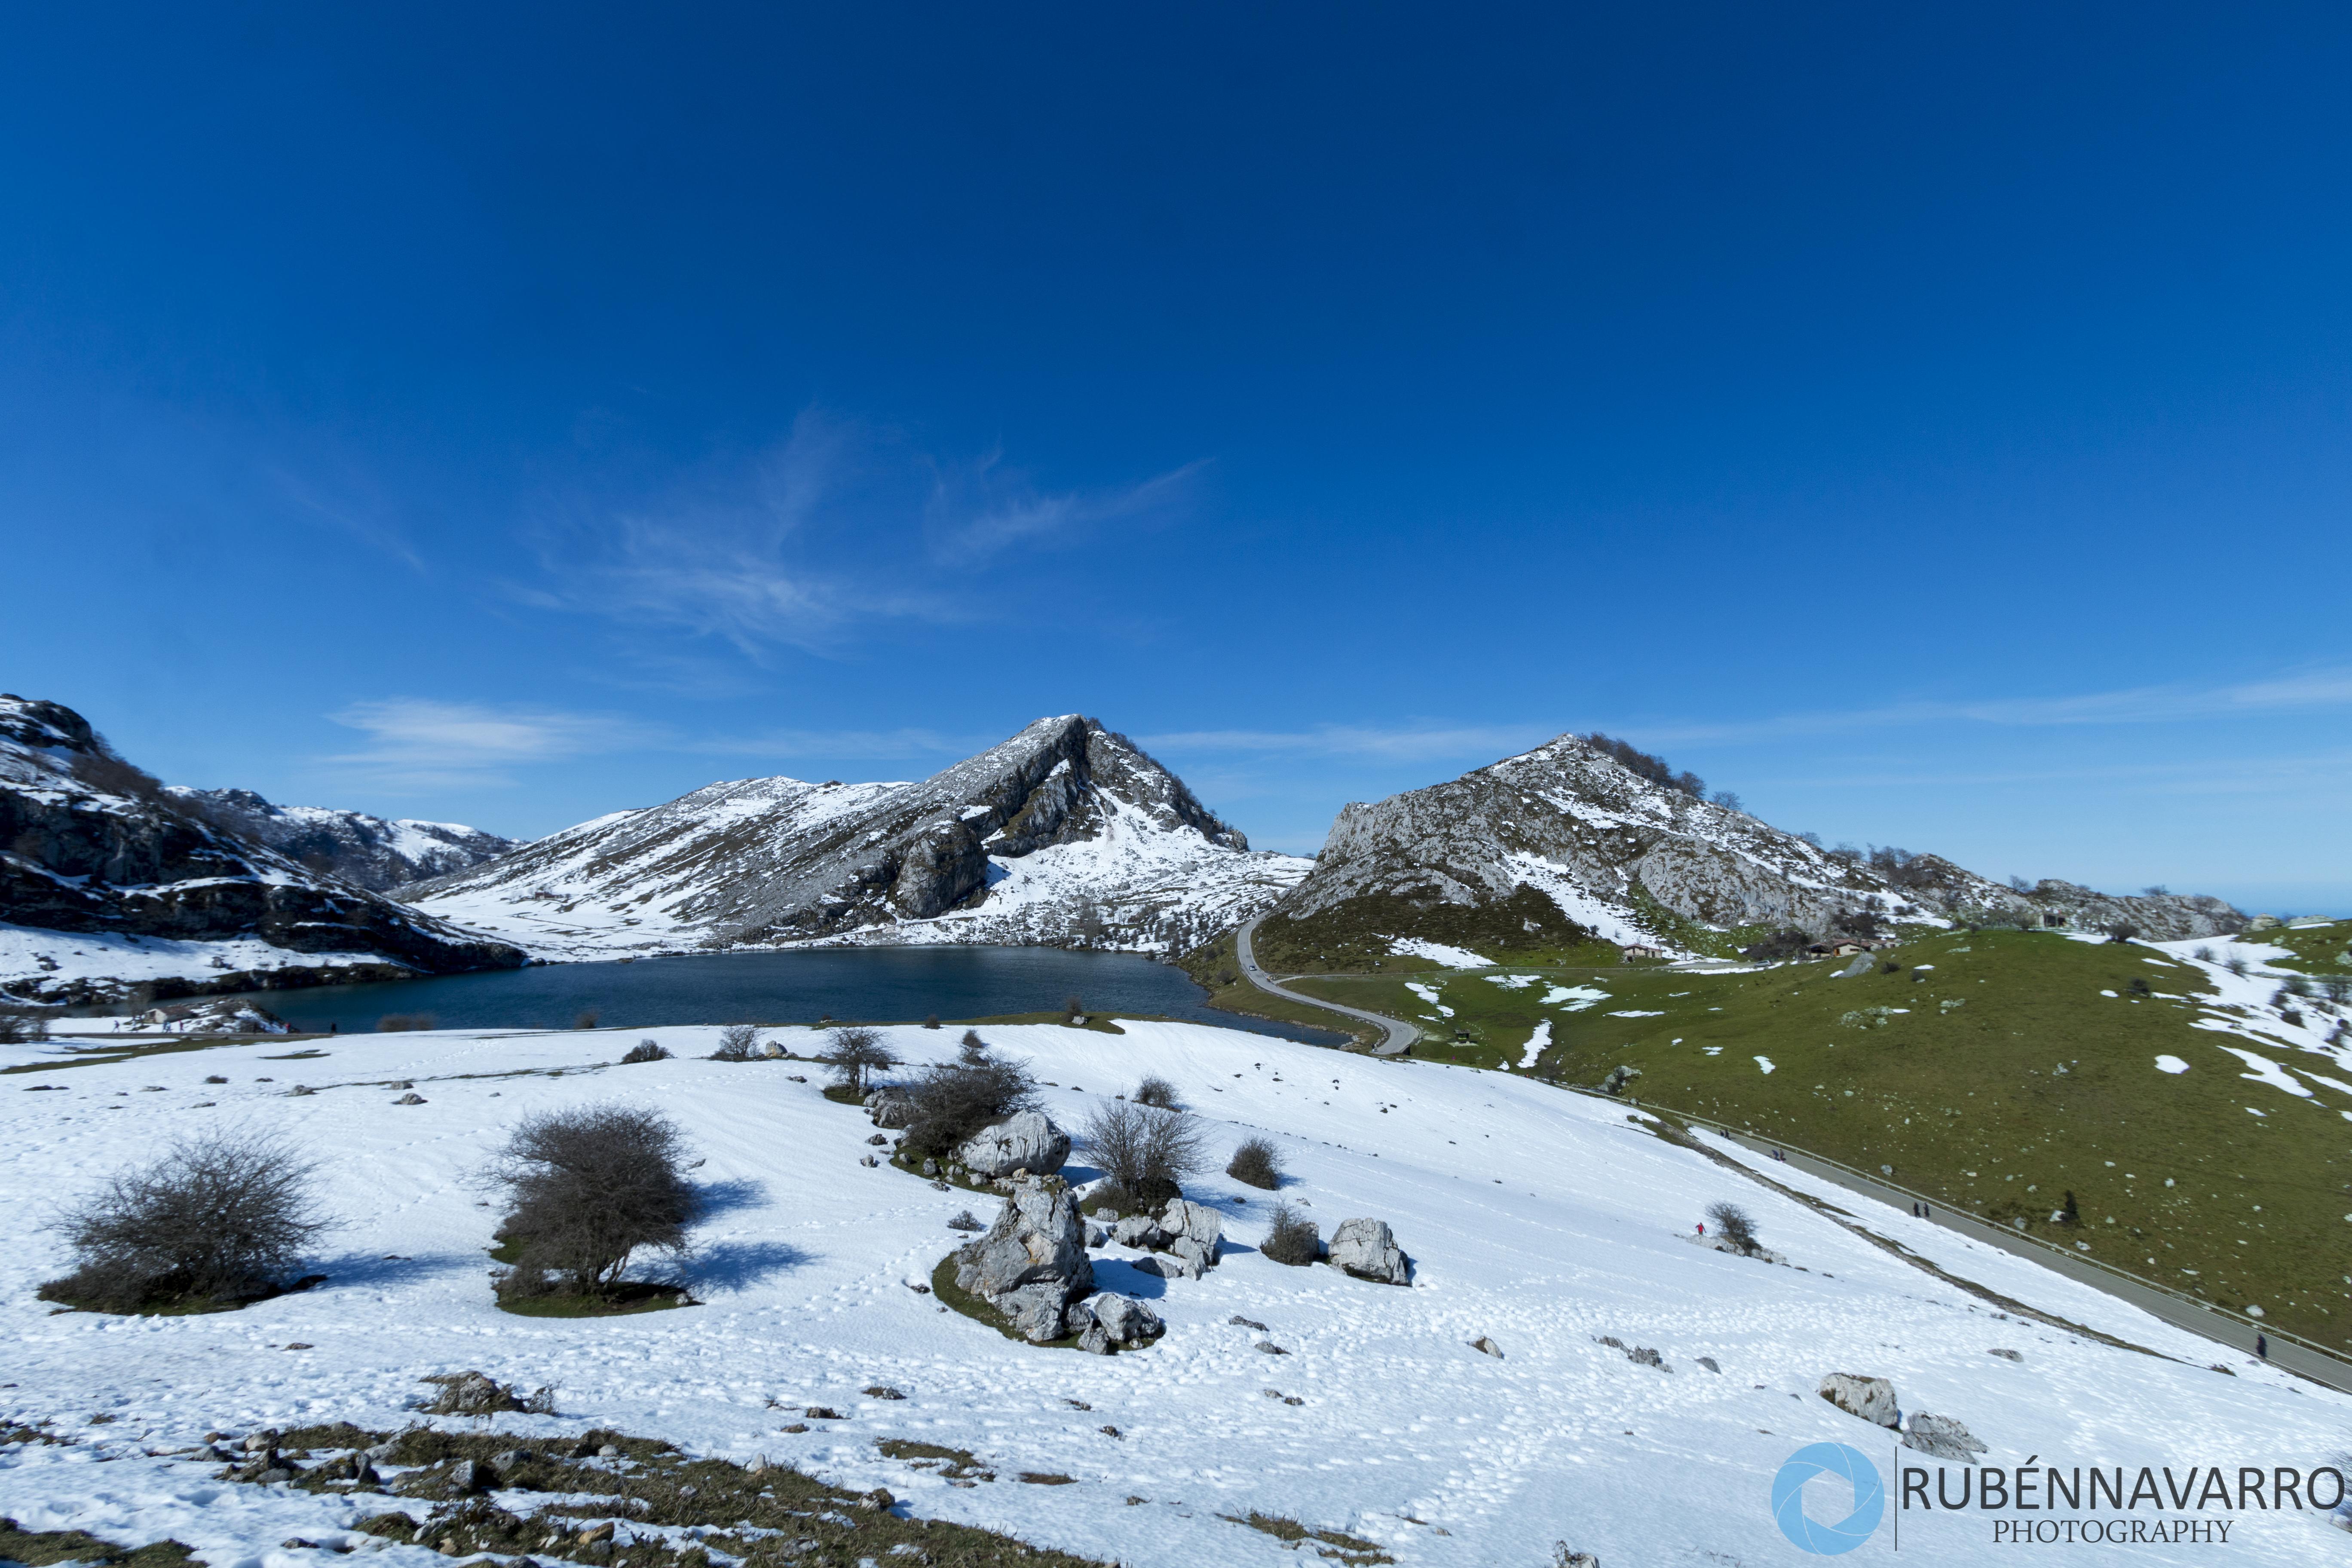 Ruta por Asturias en coche - Lagos de covadonga